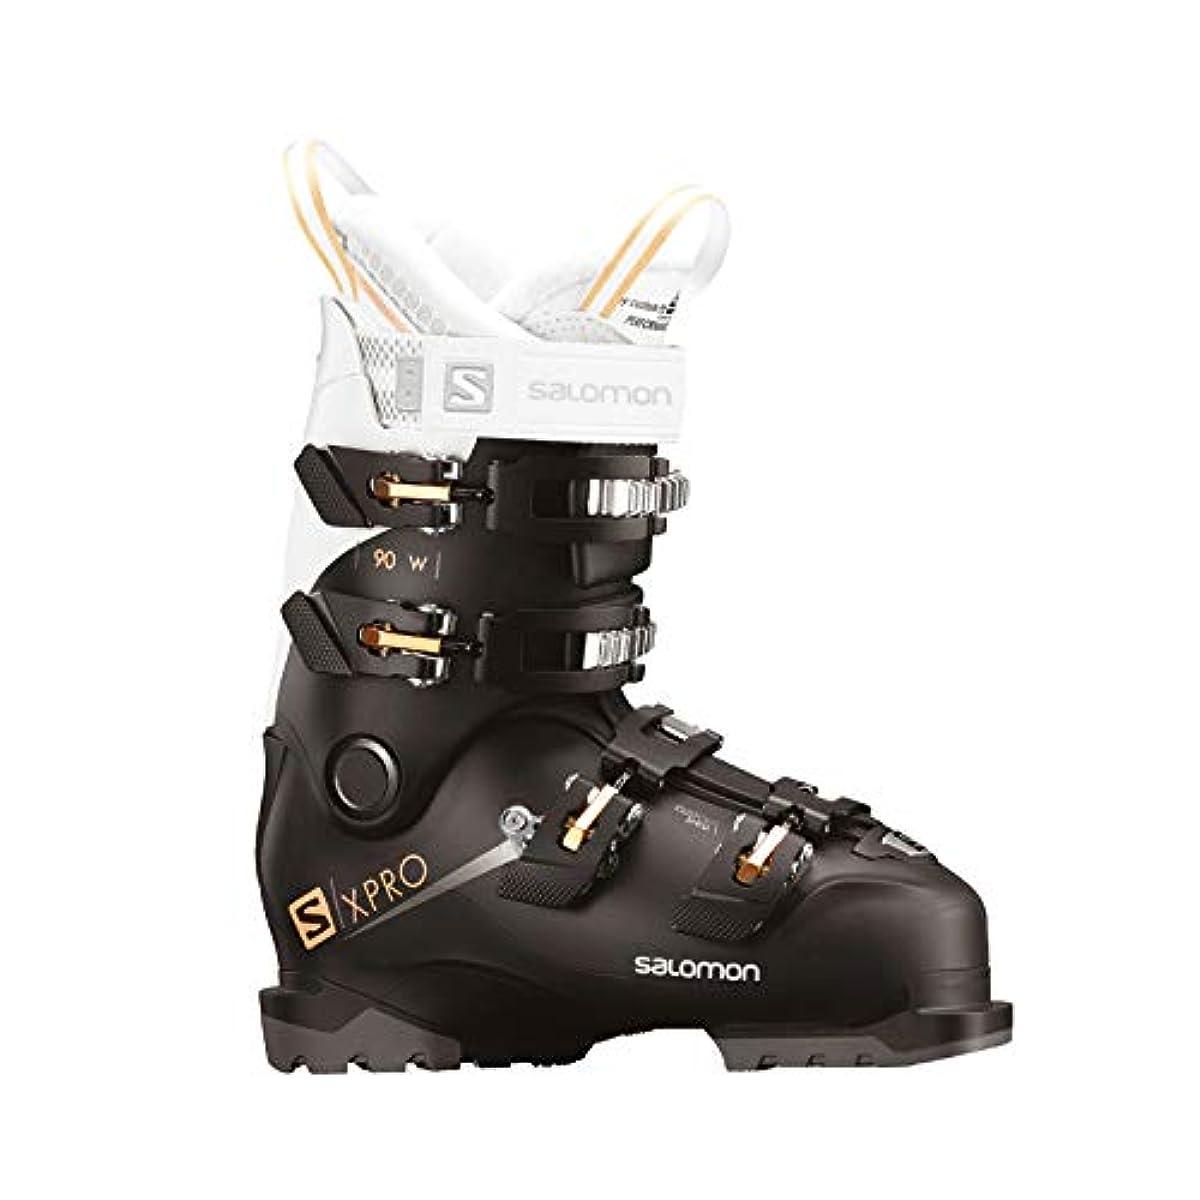 [해외] 살로몬SALOMON 스키화 레이디스 X PRO 90 W 2018-19년 모델 L40551700